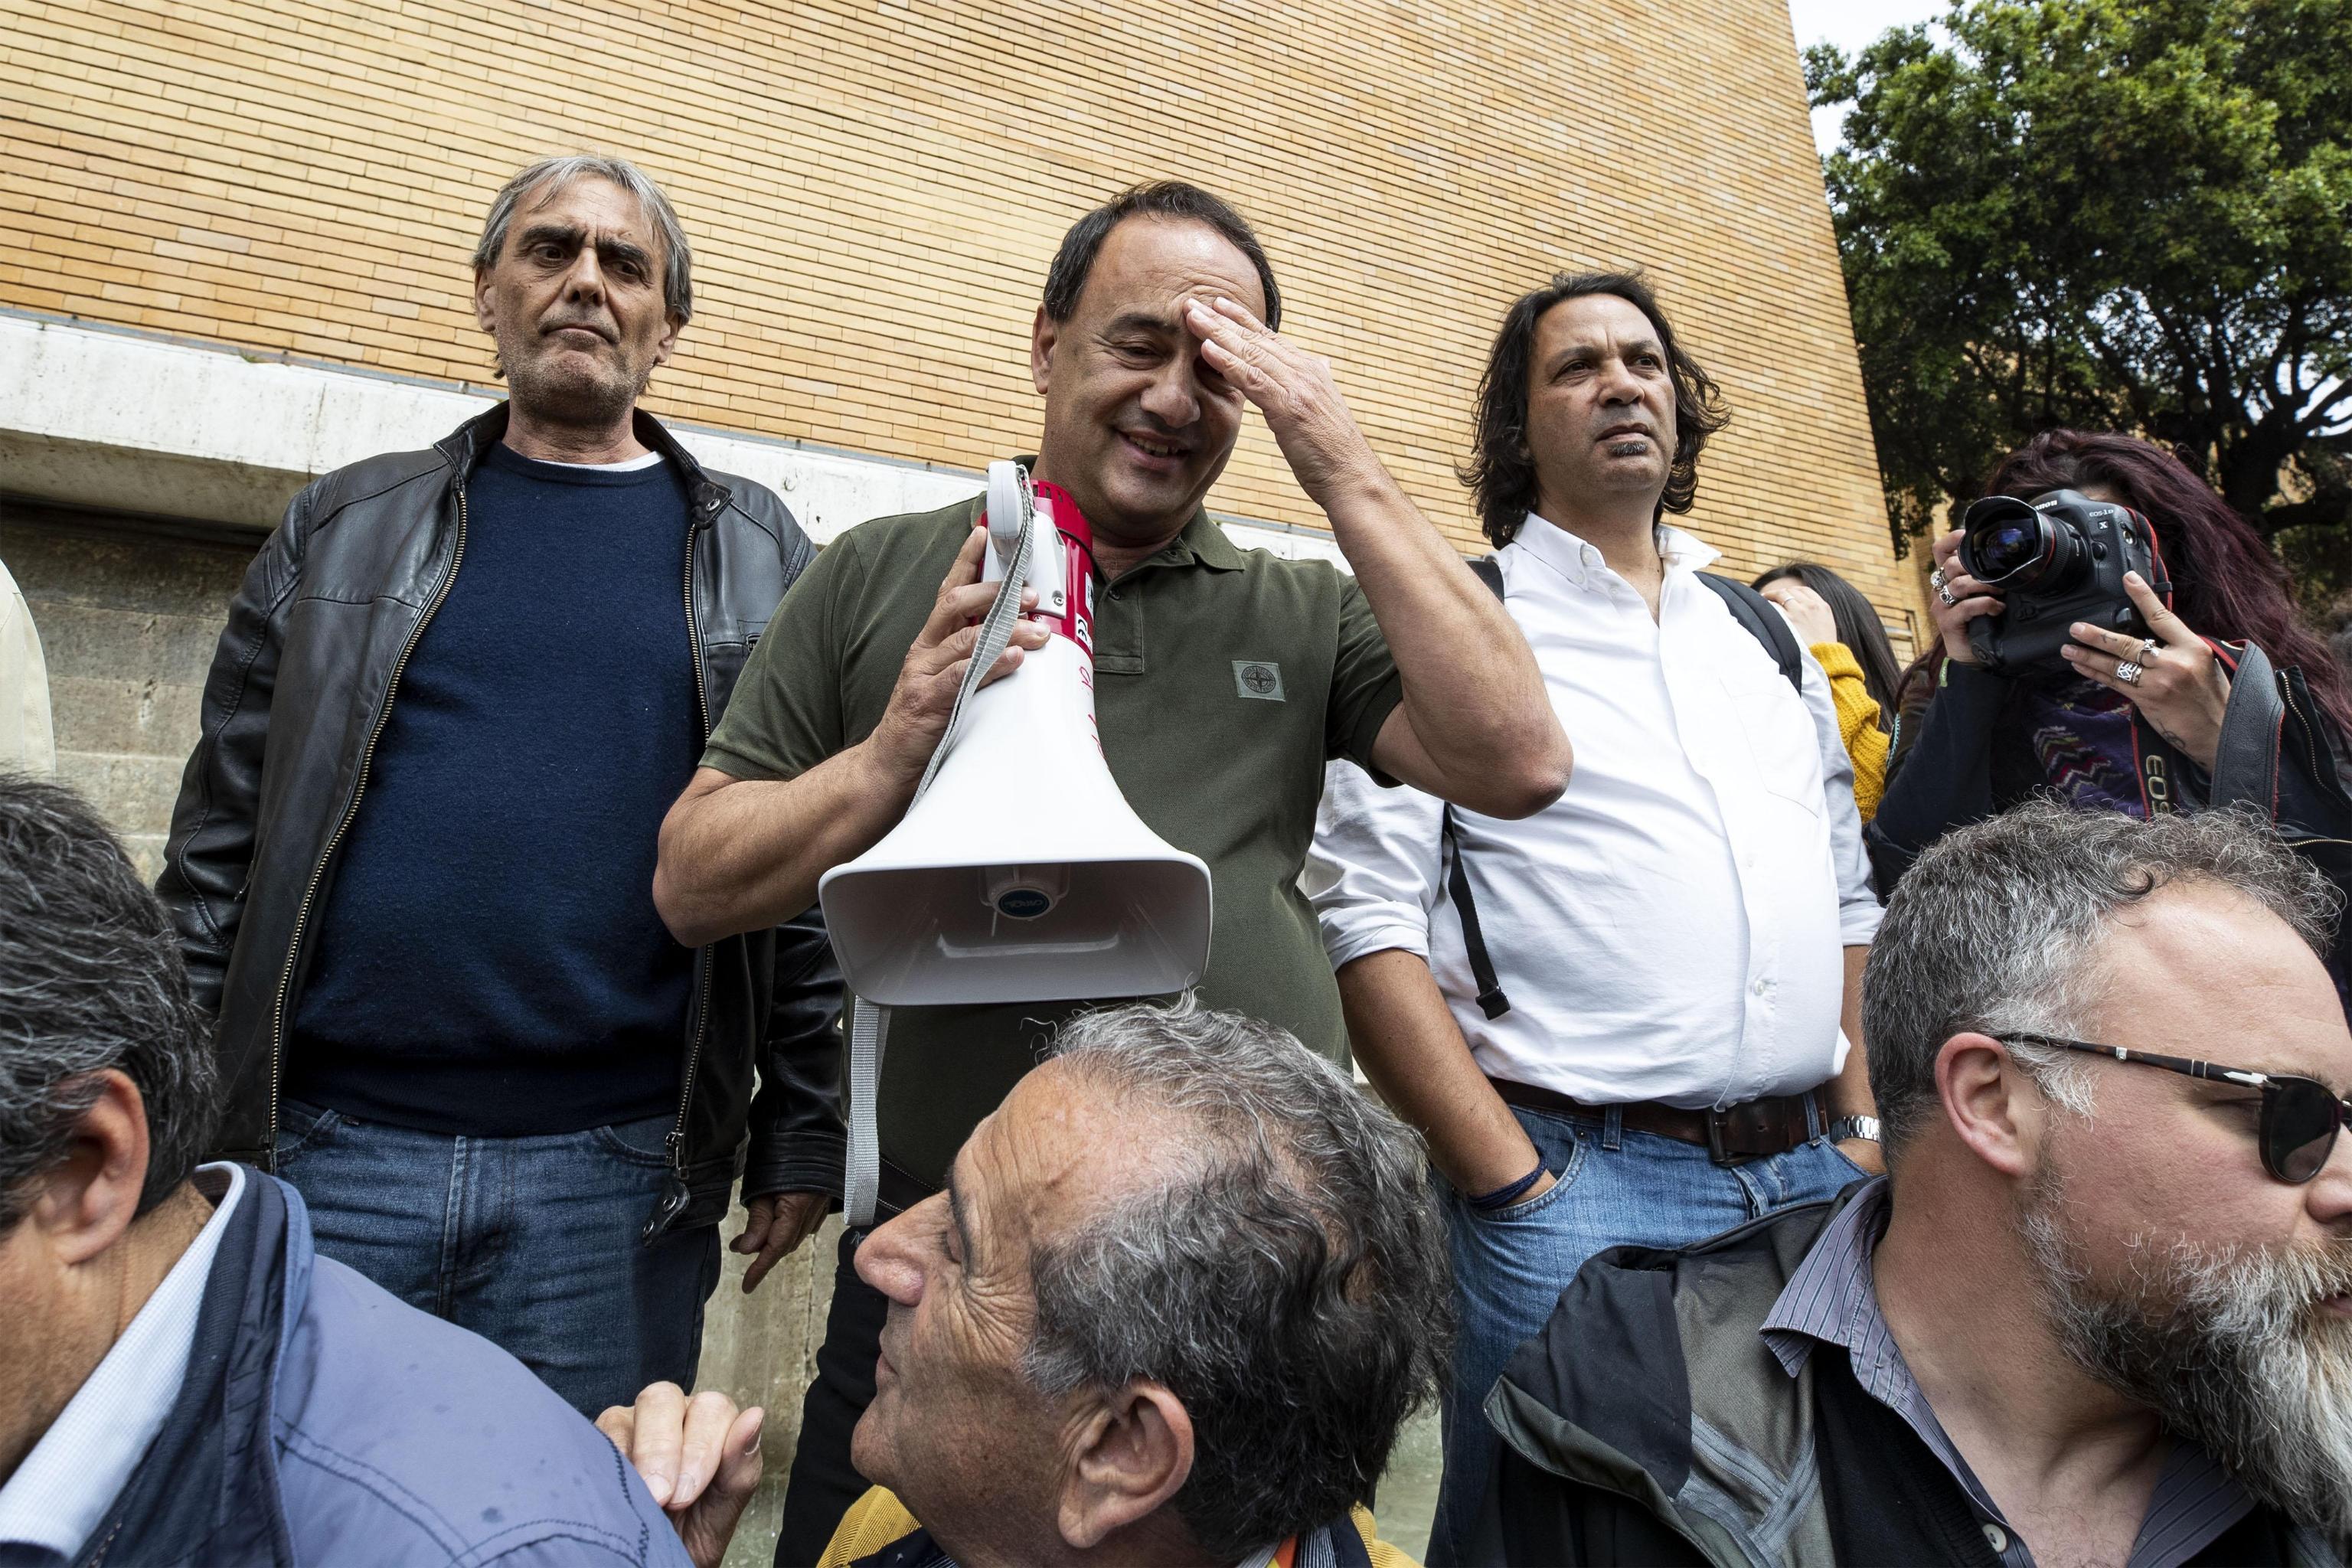 L'ex sindaco di Riace Mimmo Lucano (C) parla agli studenti della sapienza radunati in piazzale Aldo Moro, Roma, 13 maggio 2019 ANSA/MASSIMO PERCOSSI